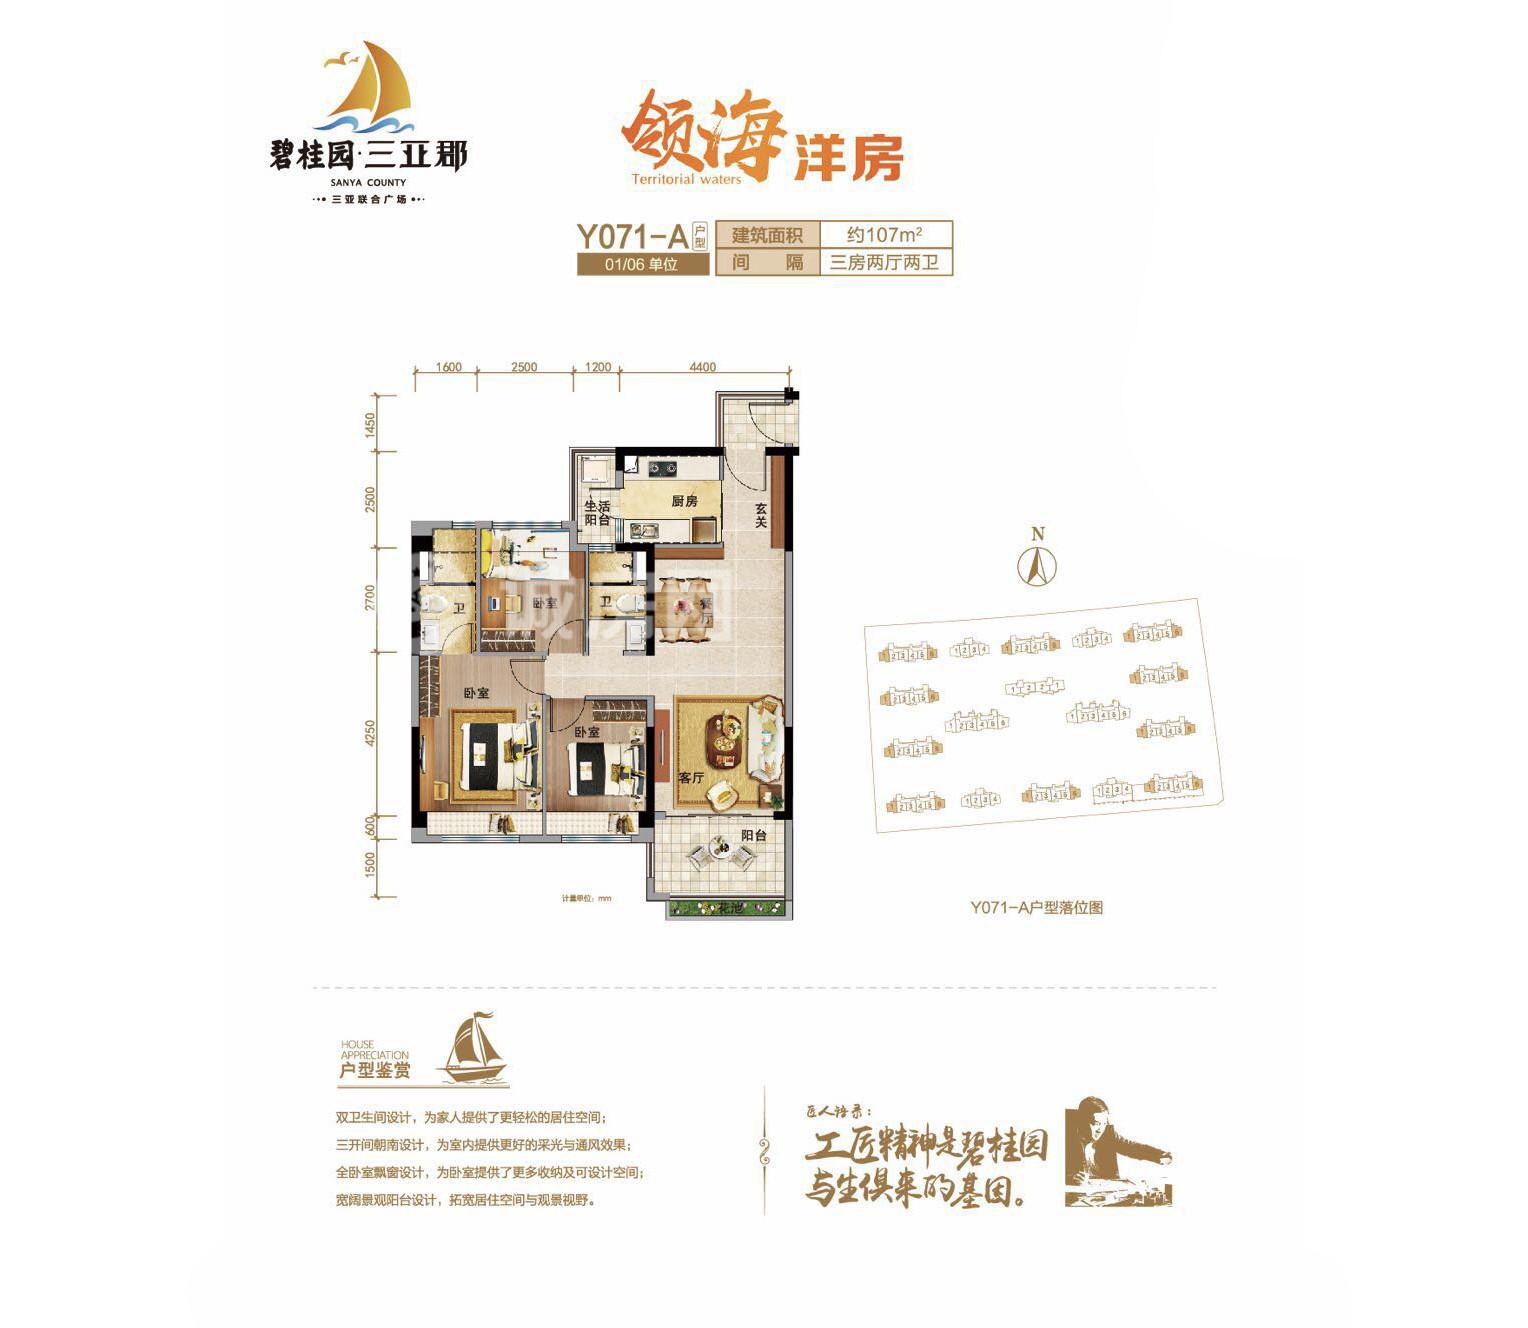 碧桂园三亚郡3房2厅2卫 (建筑面积:107.00㎡)